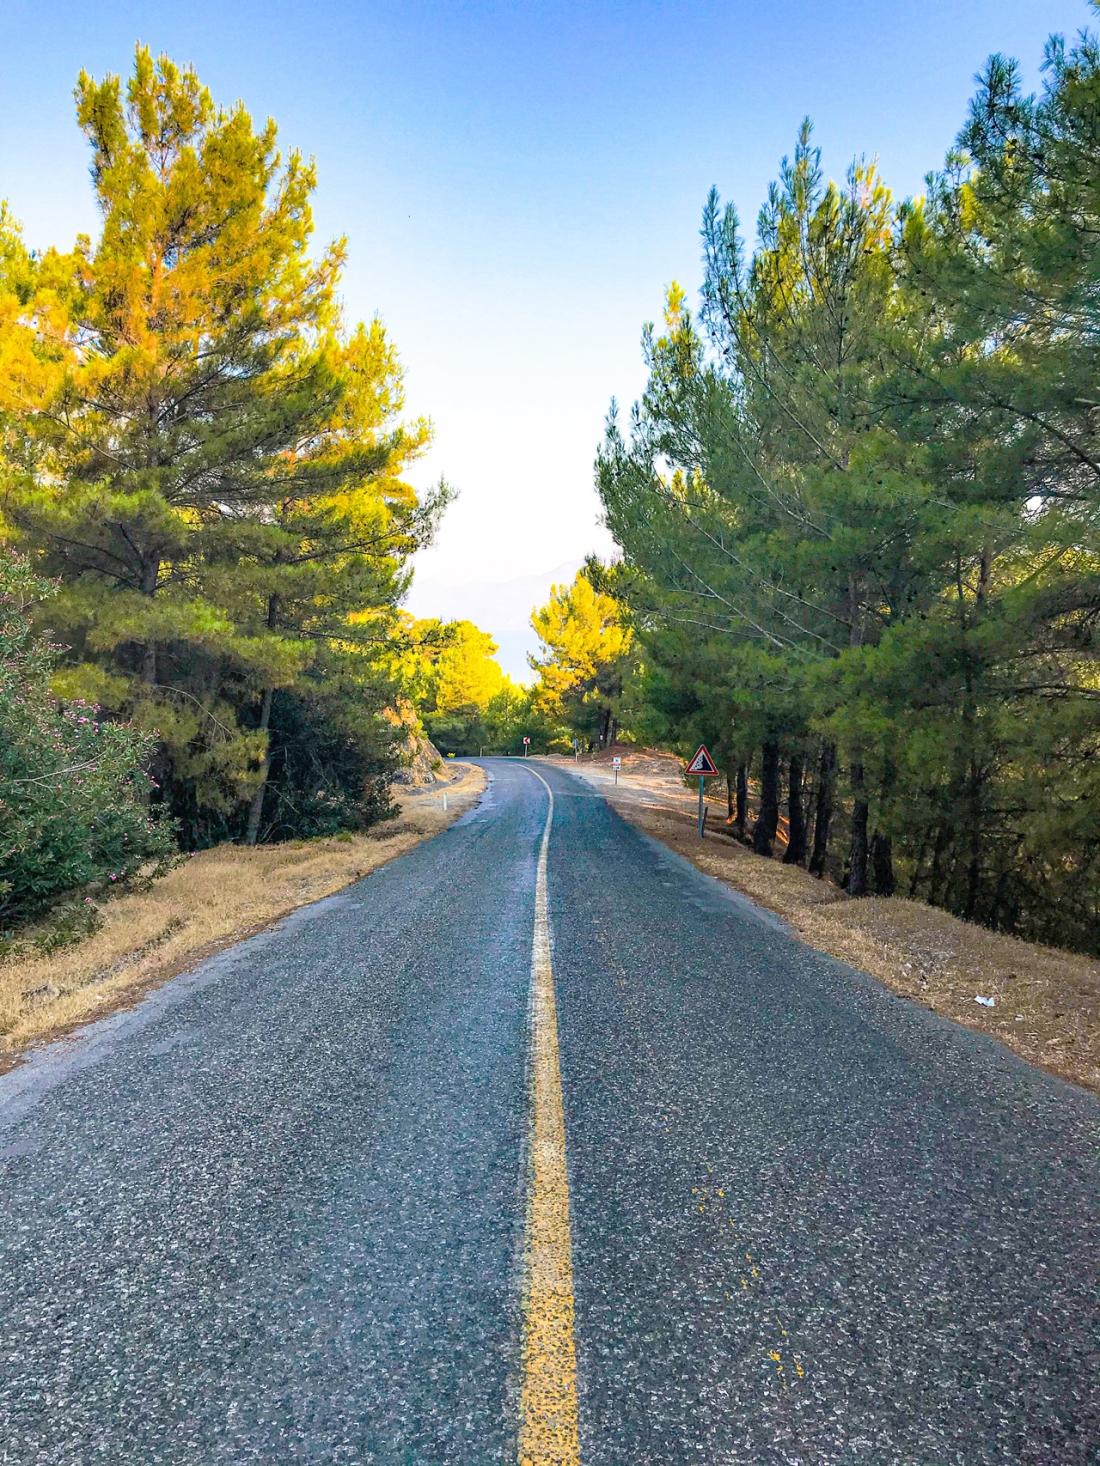 dalyan_iztuzu_road_(c)_burak_etman